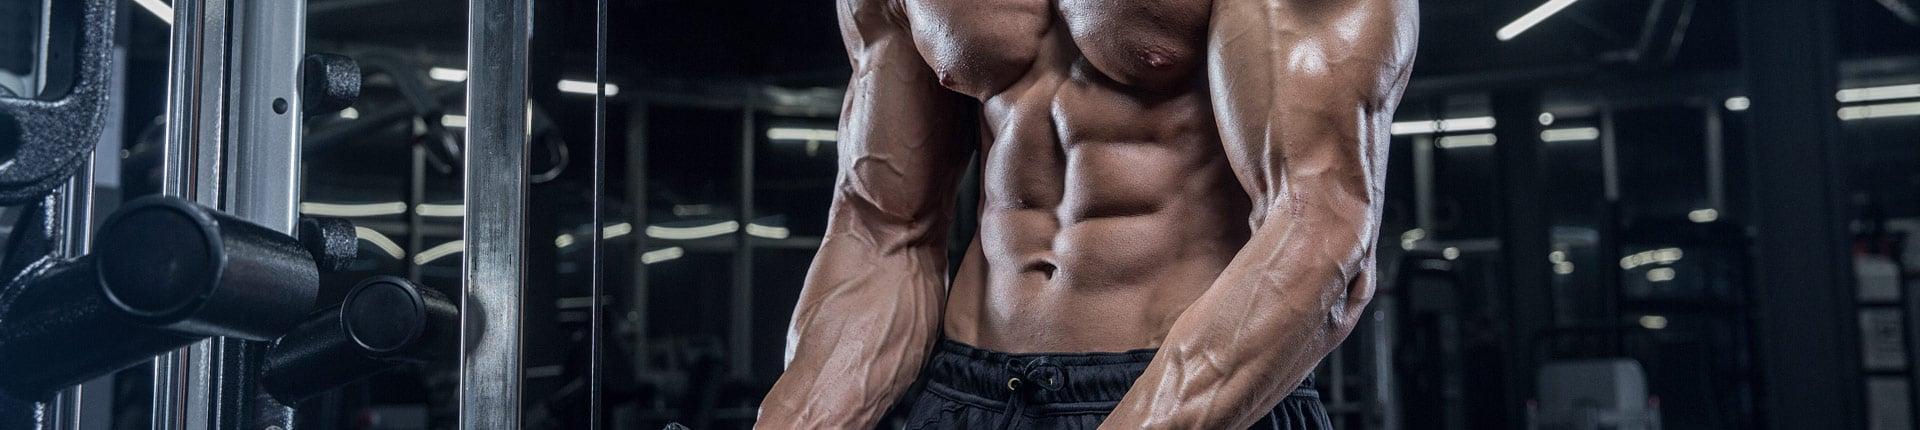 Dysproporcje mięśniowe - 5 sposobów na poprawę słabszych grup mięśniowych